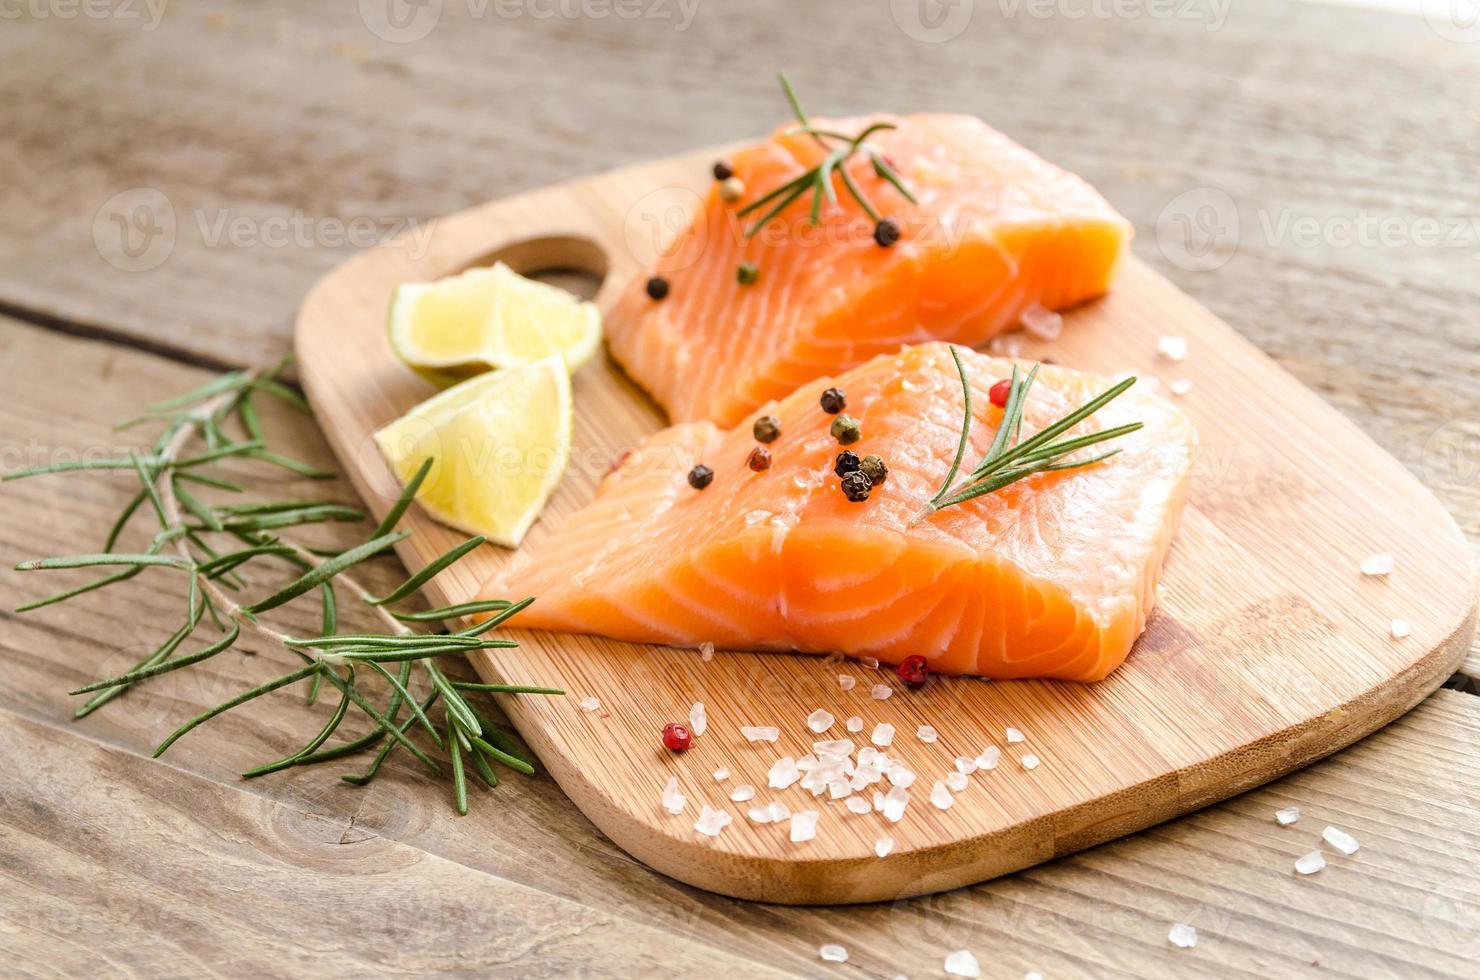 bifes de salmão cru na placa de madeira foto